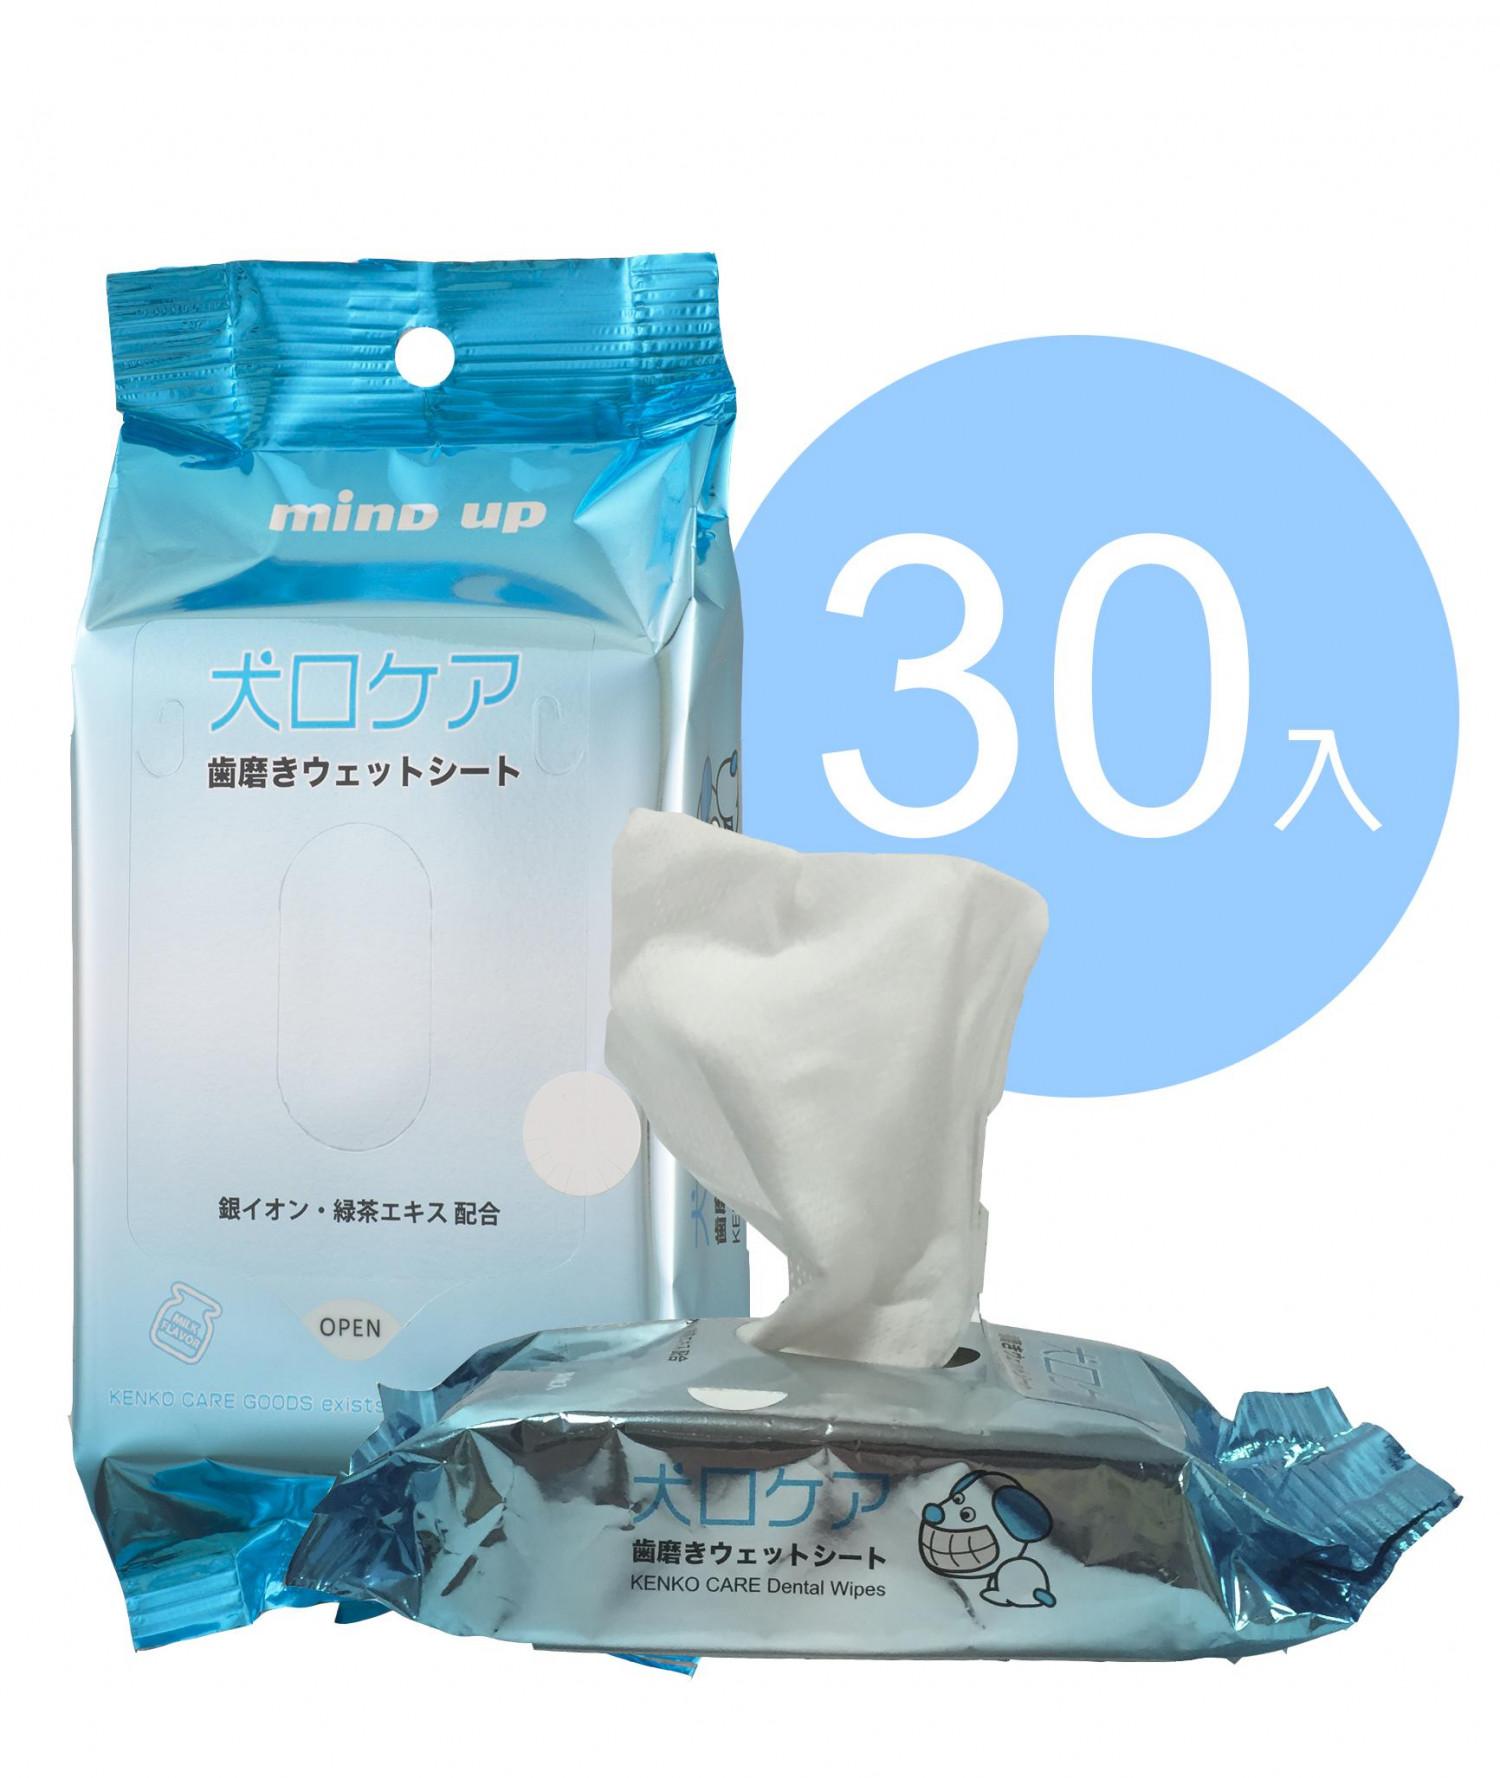 日本MIND UP嘴巴香香寵物潔牙濕紙巾 貓狗適用 刷牙